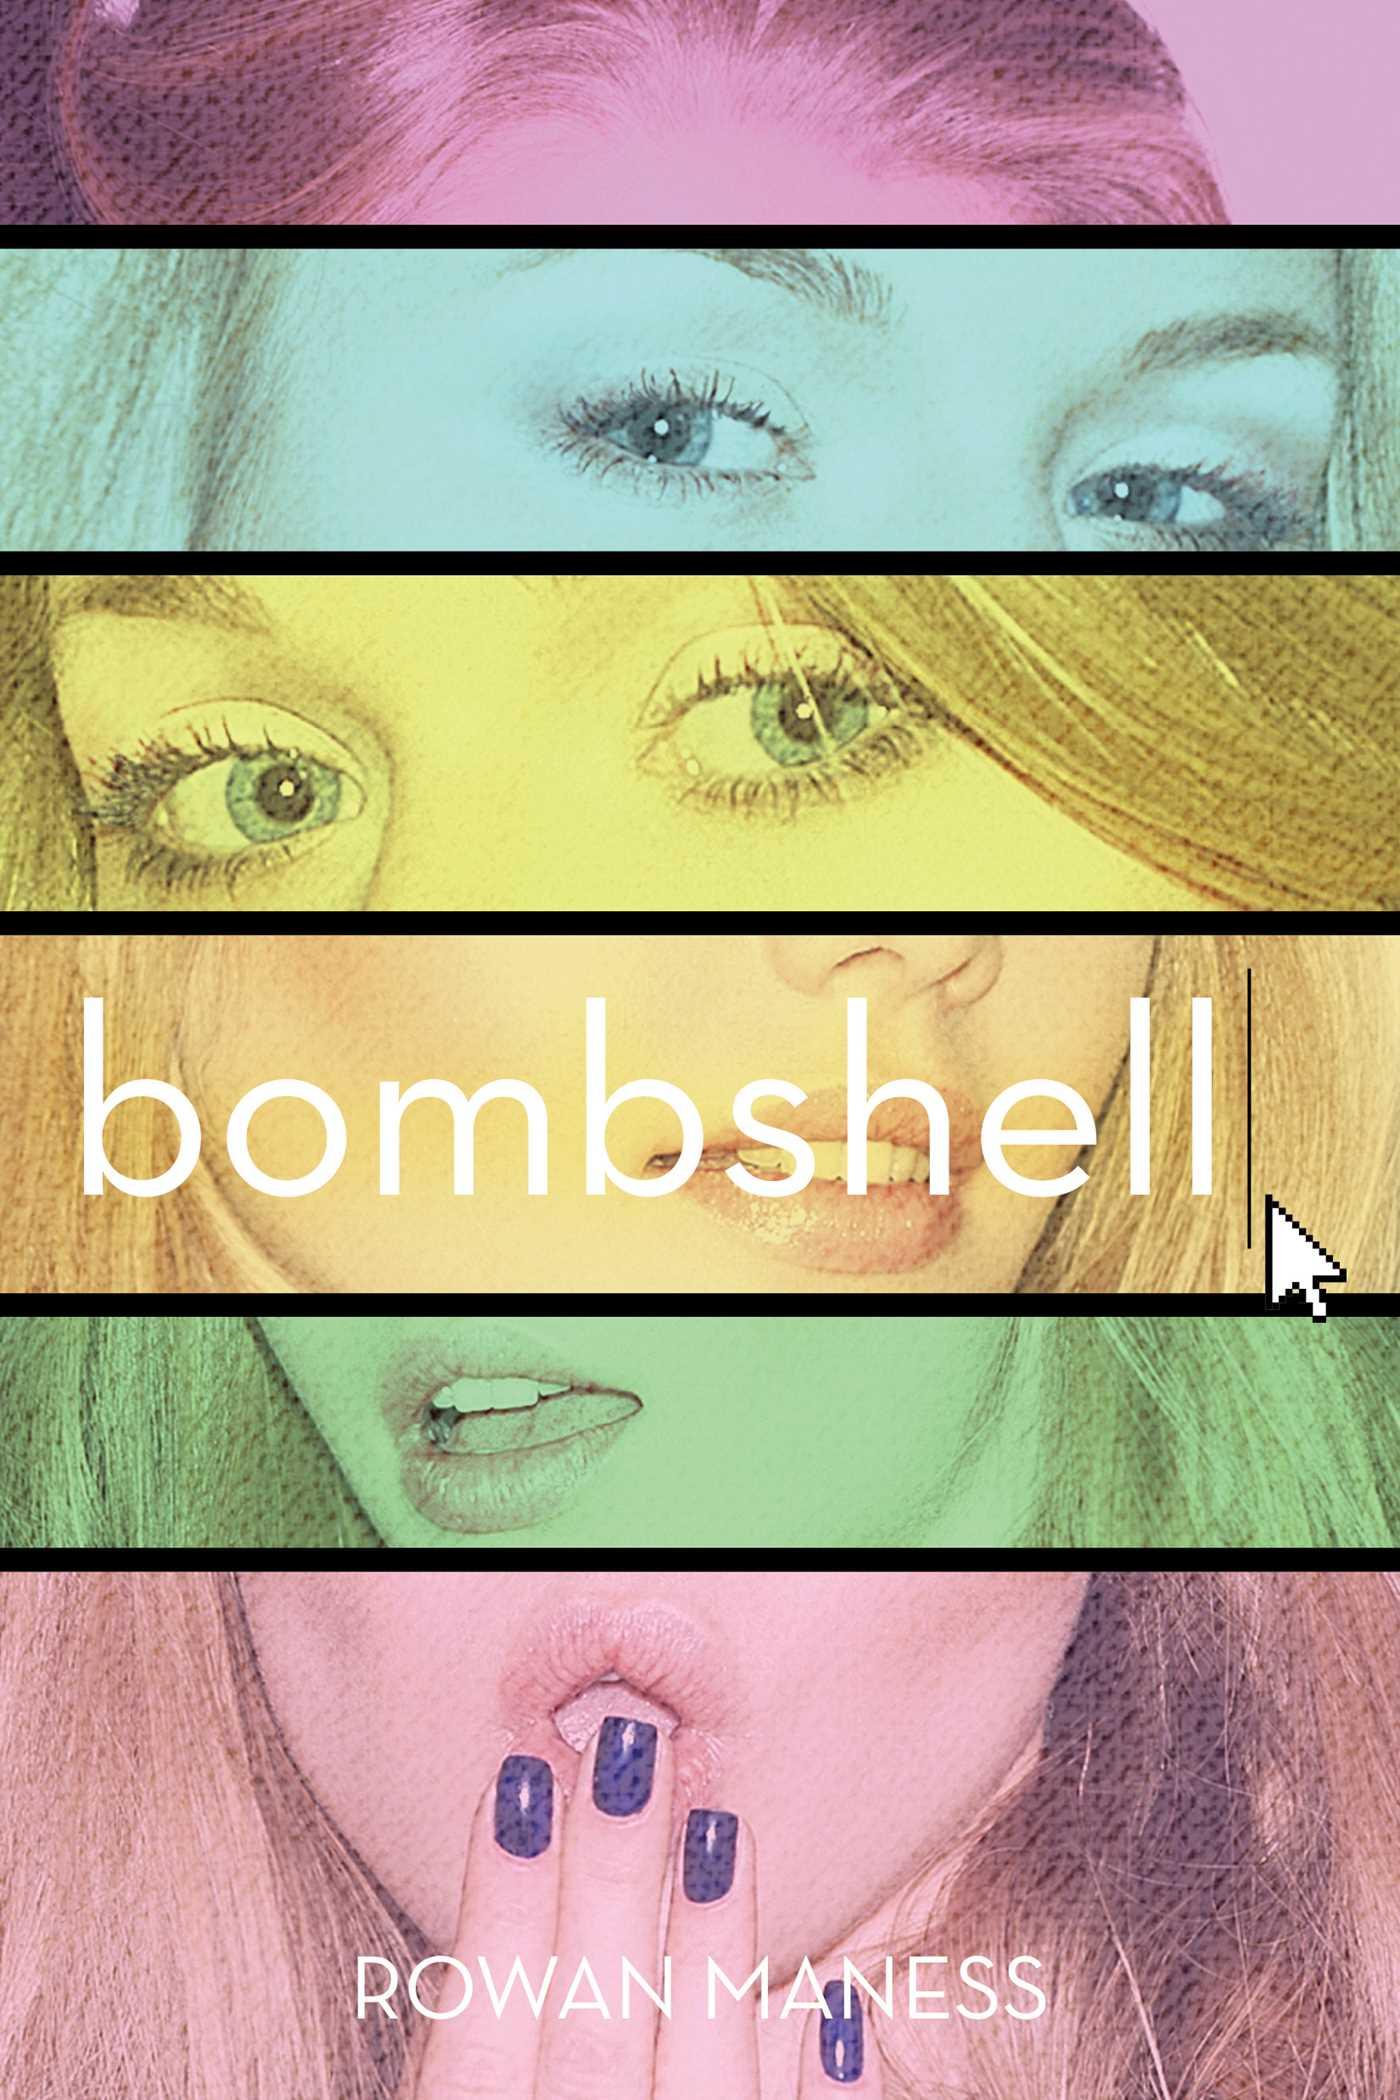 Bombshell 9781481441650 hr